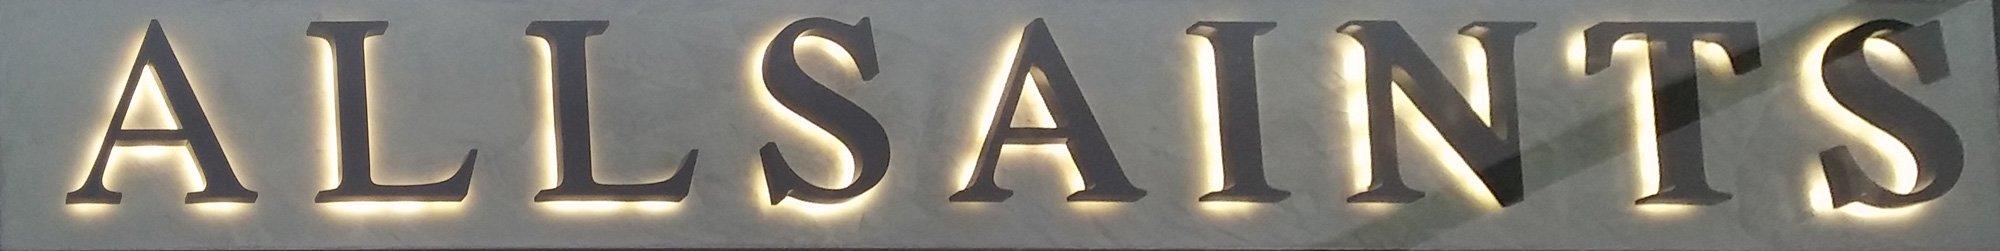 20151031_152045_AllSaints_Schriftzug_Styleoutlet_Zweibrücken